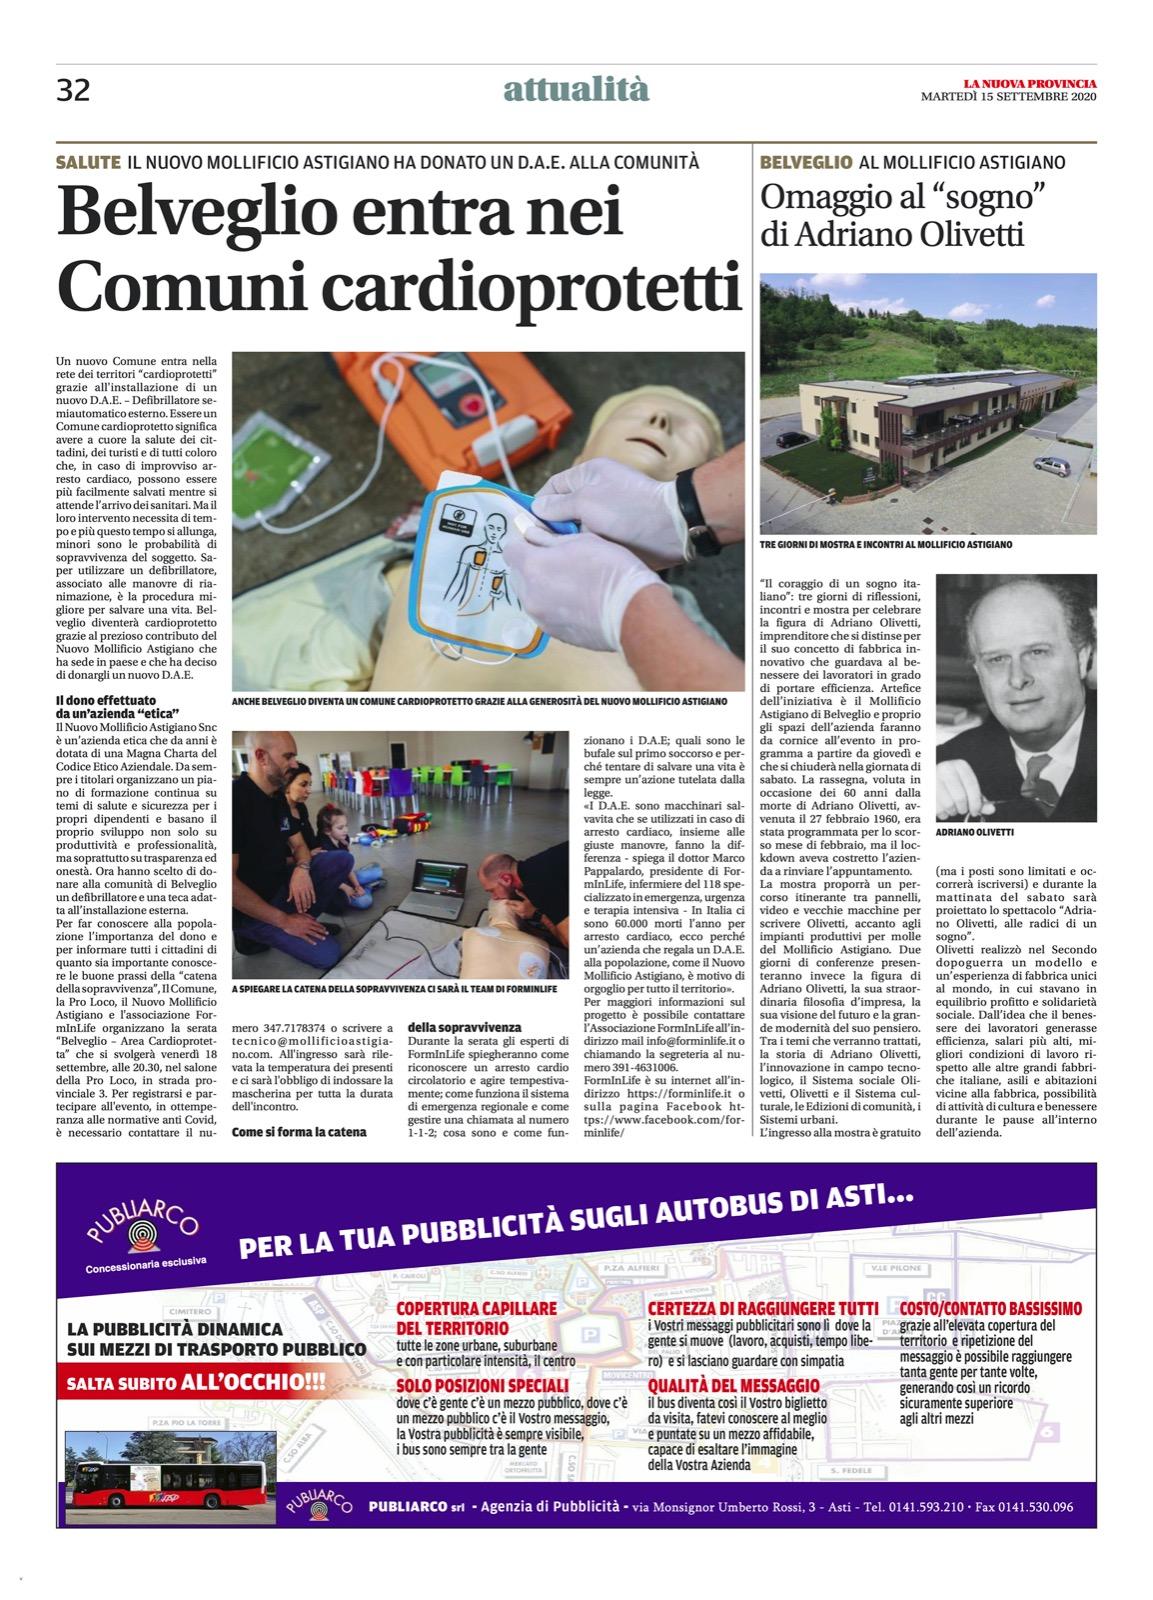 Serata-DAE-Belveglio-18-9-2020-Mollificio-astigiano-Belveglio